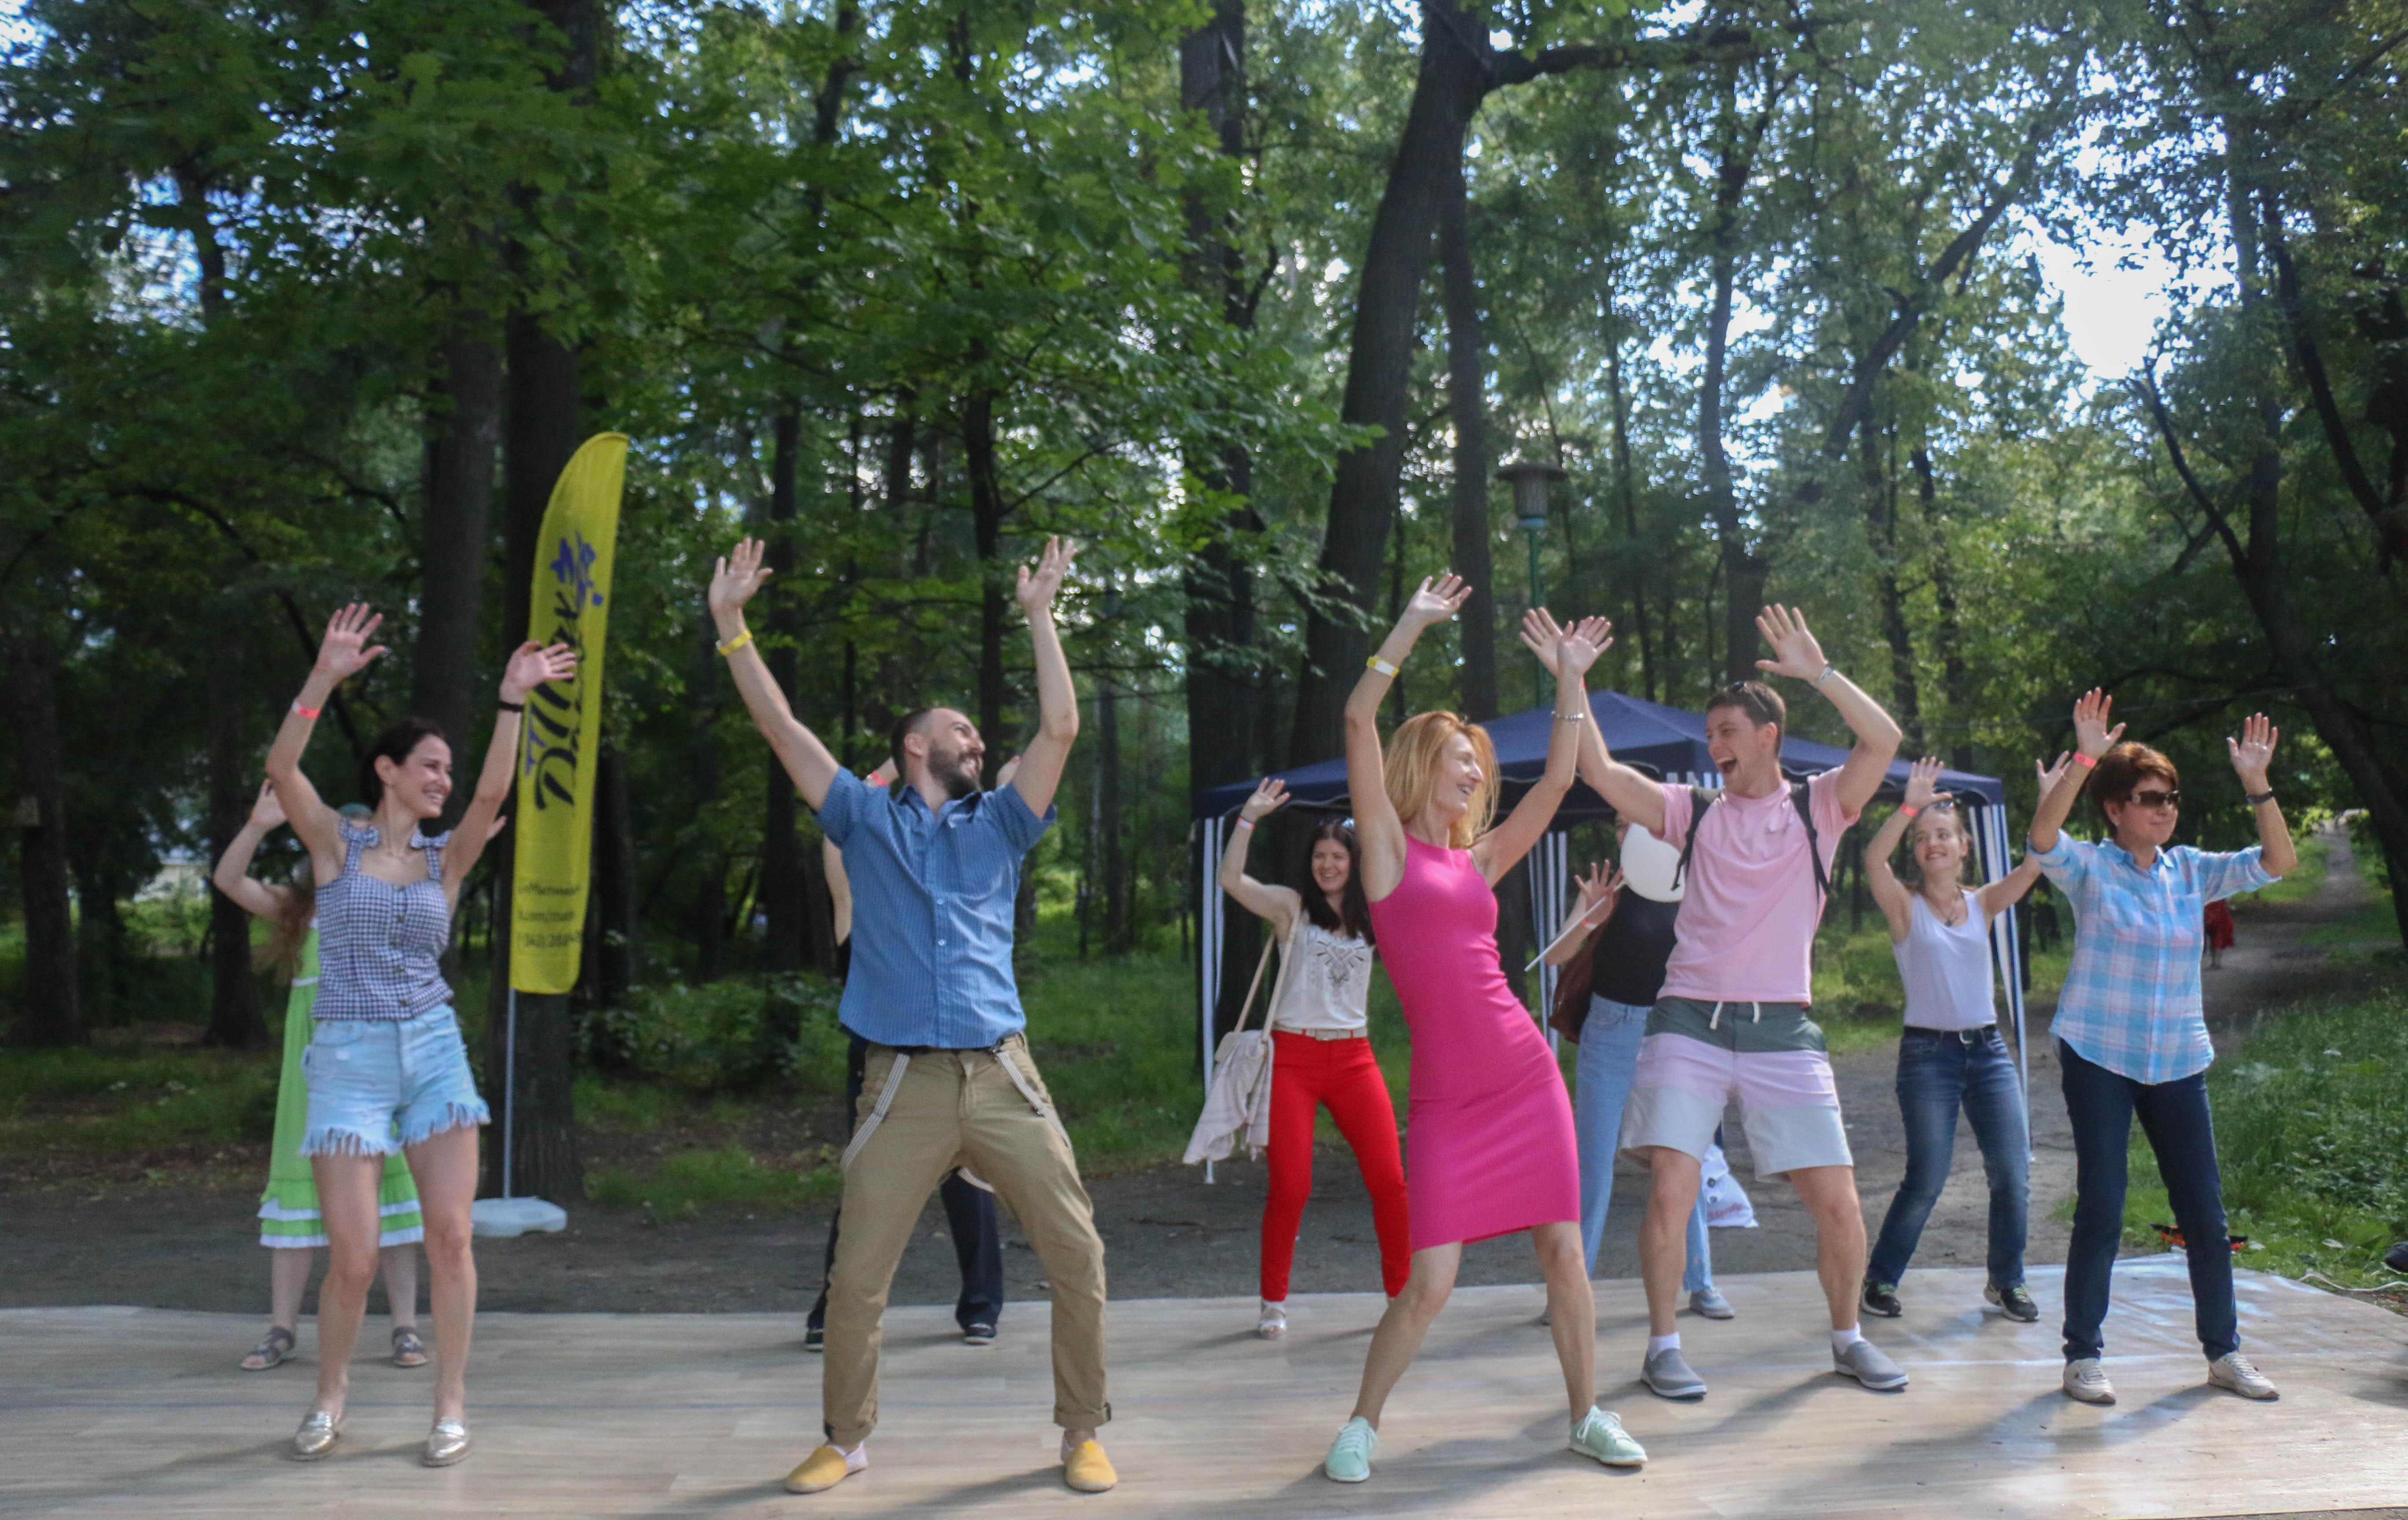 Музыка со знаком качества: в Екатеринбурге прошел фестиваль «Усадьба Jazz»